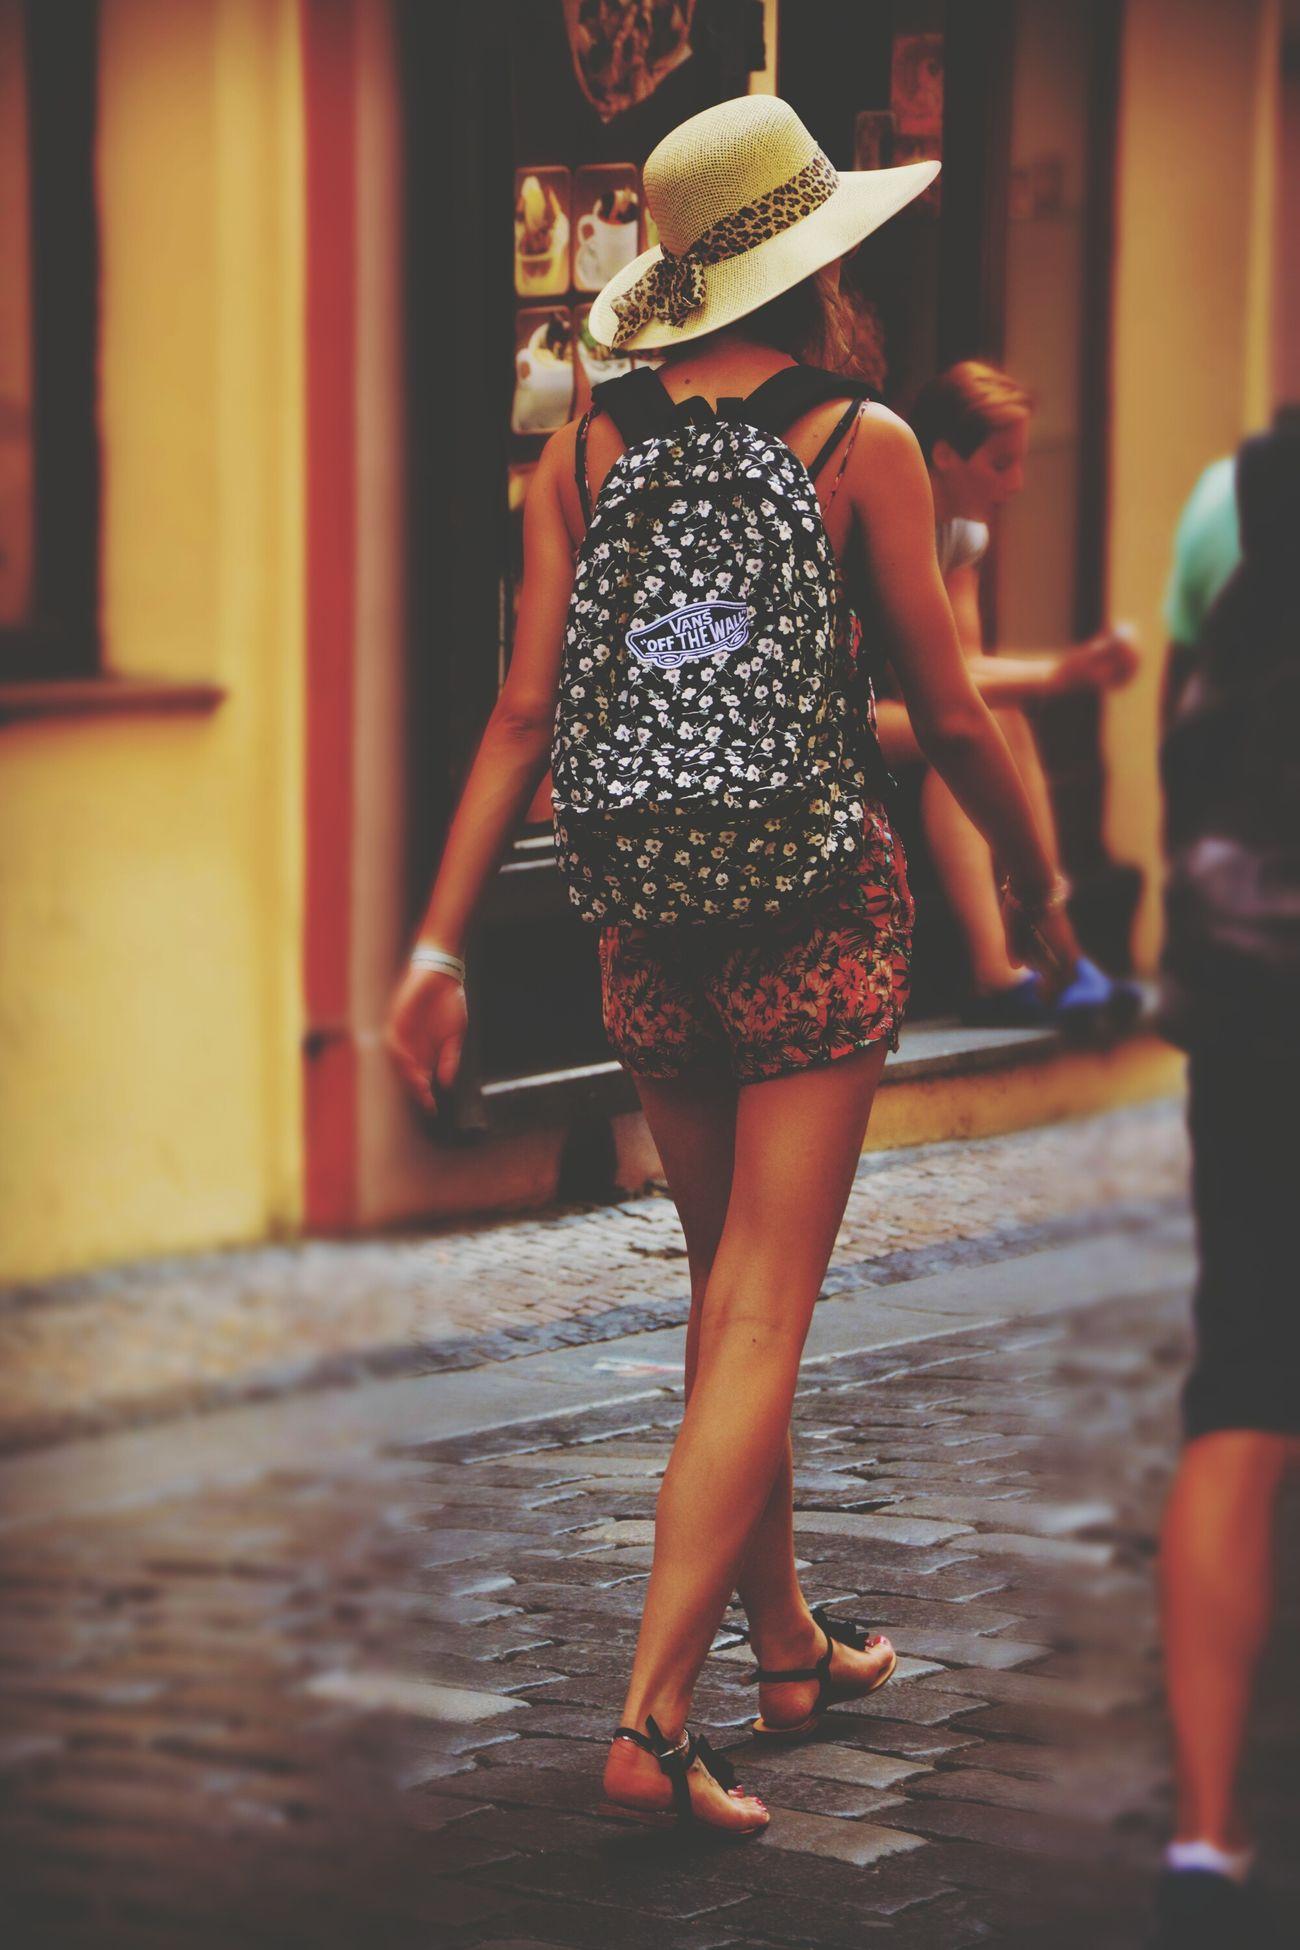 People People Photography Streetphotography Peoplephotography Street Photography Taking Pictures Legs Sexylegs Girl Beautiful Girl